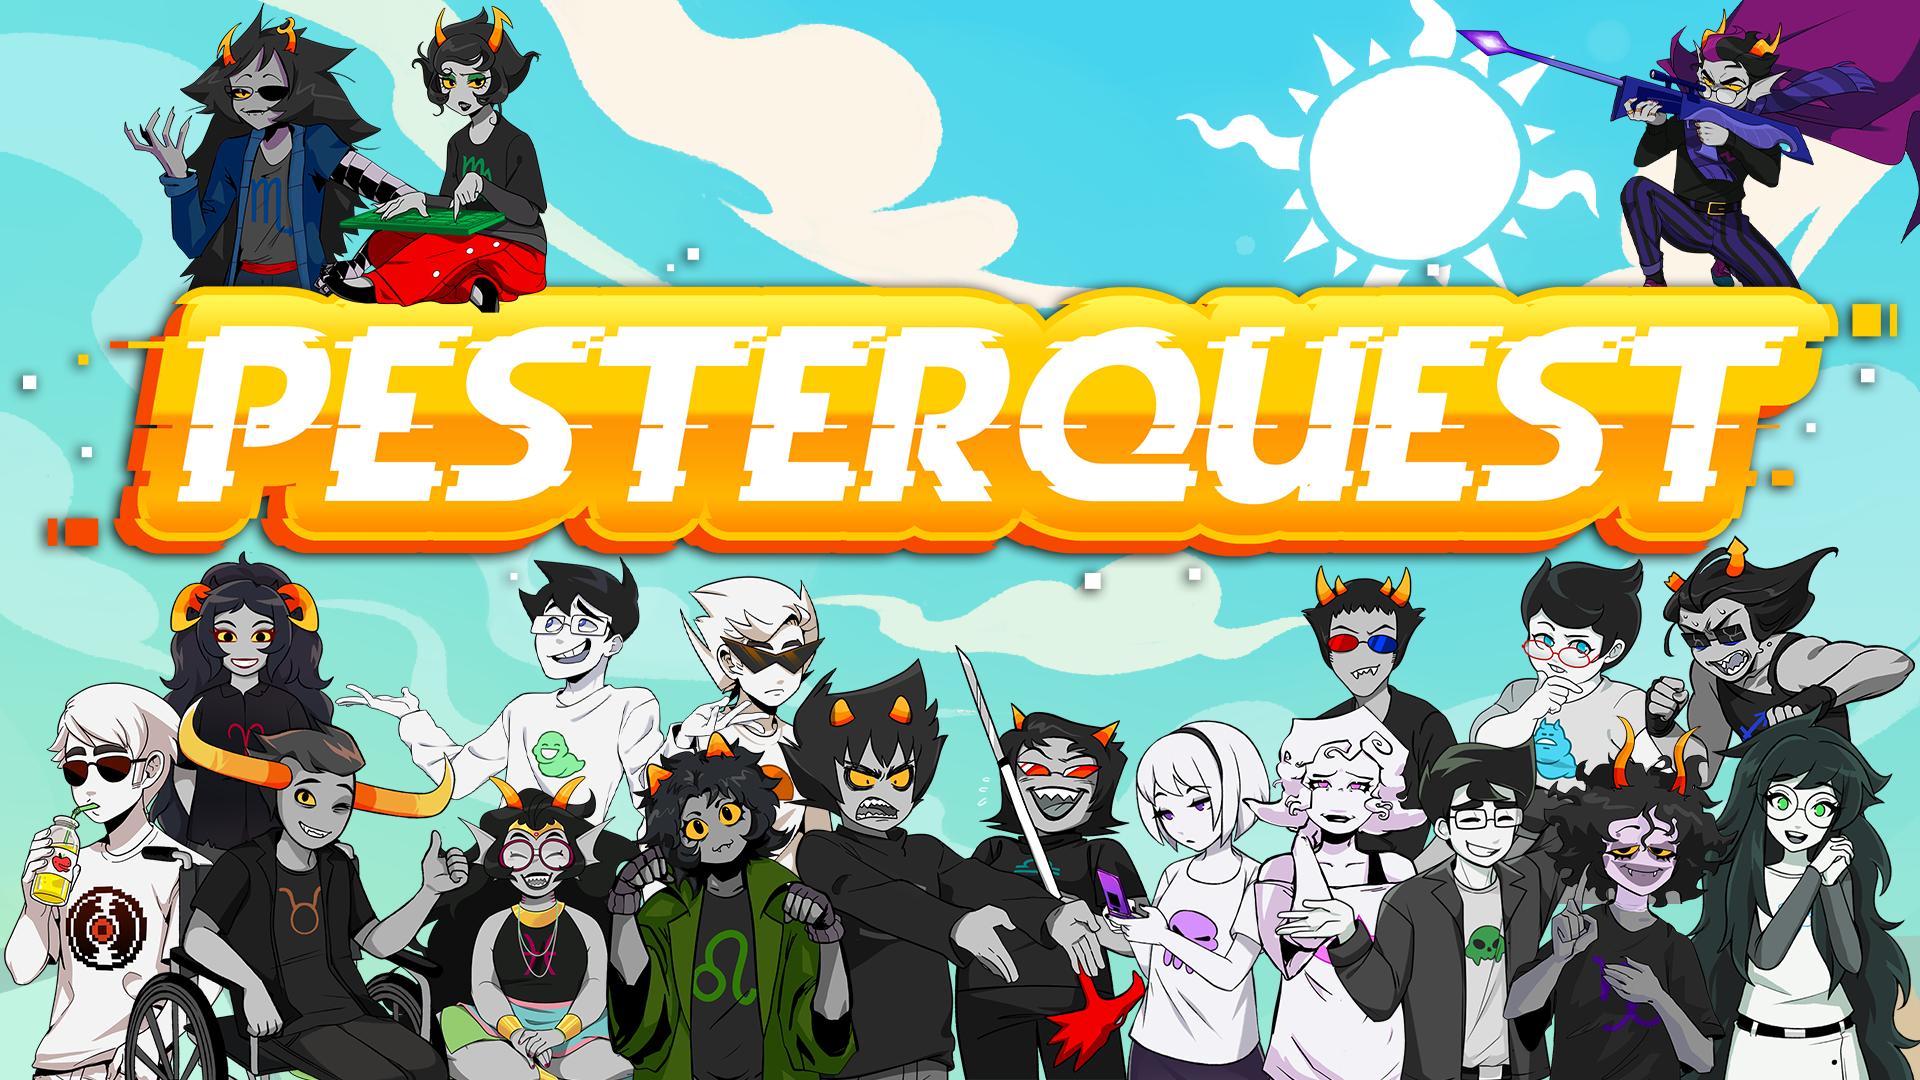 Pesterquest